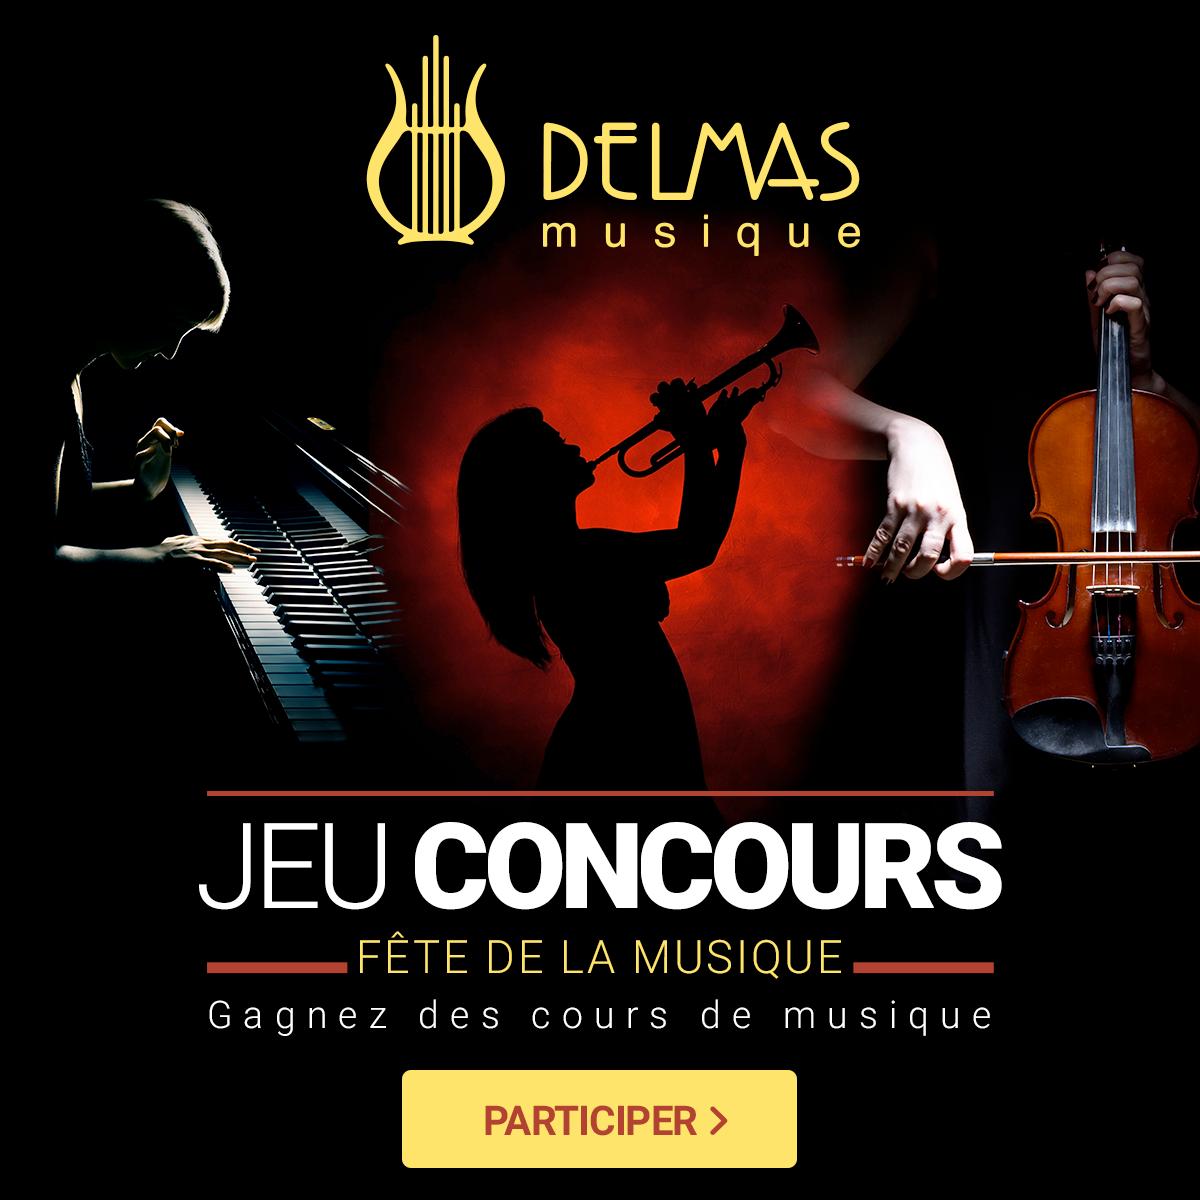 Delmas Musique visuel-FDLM-DELMAS Jeu Concours Fête de la Musique